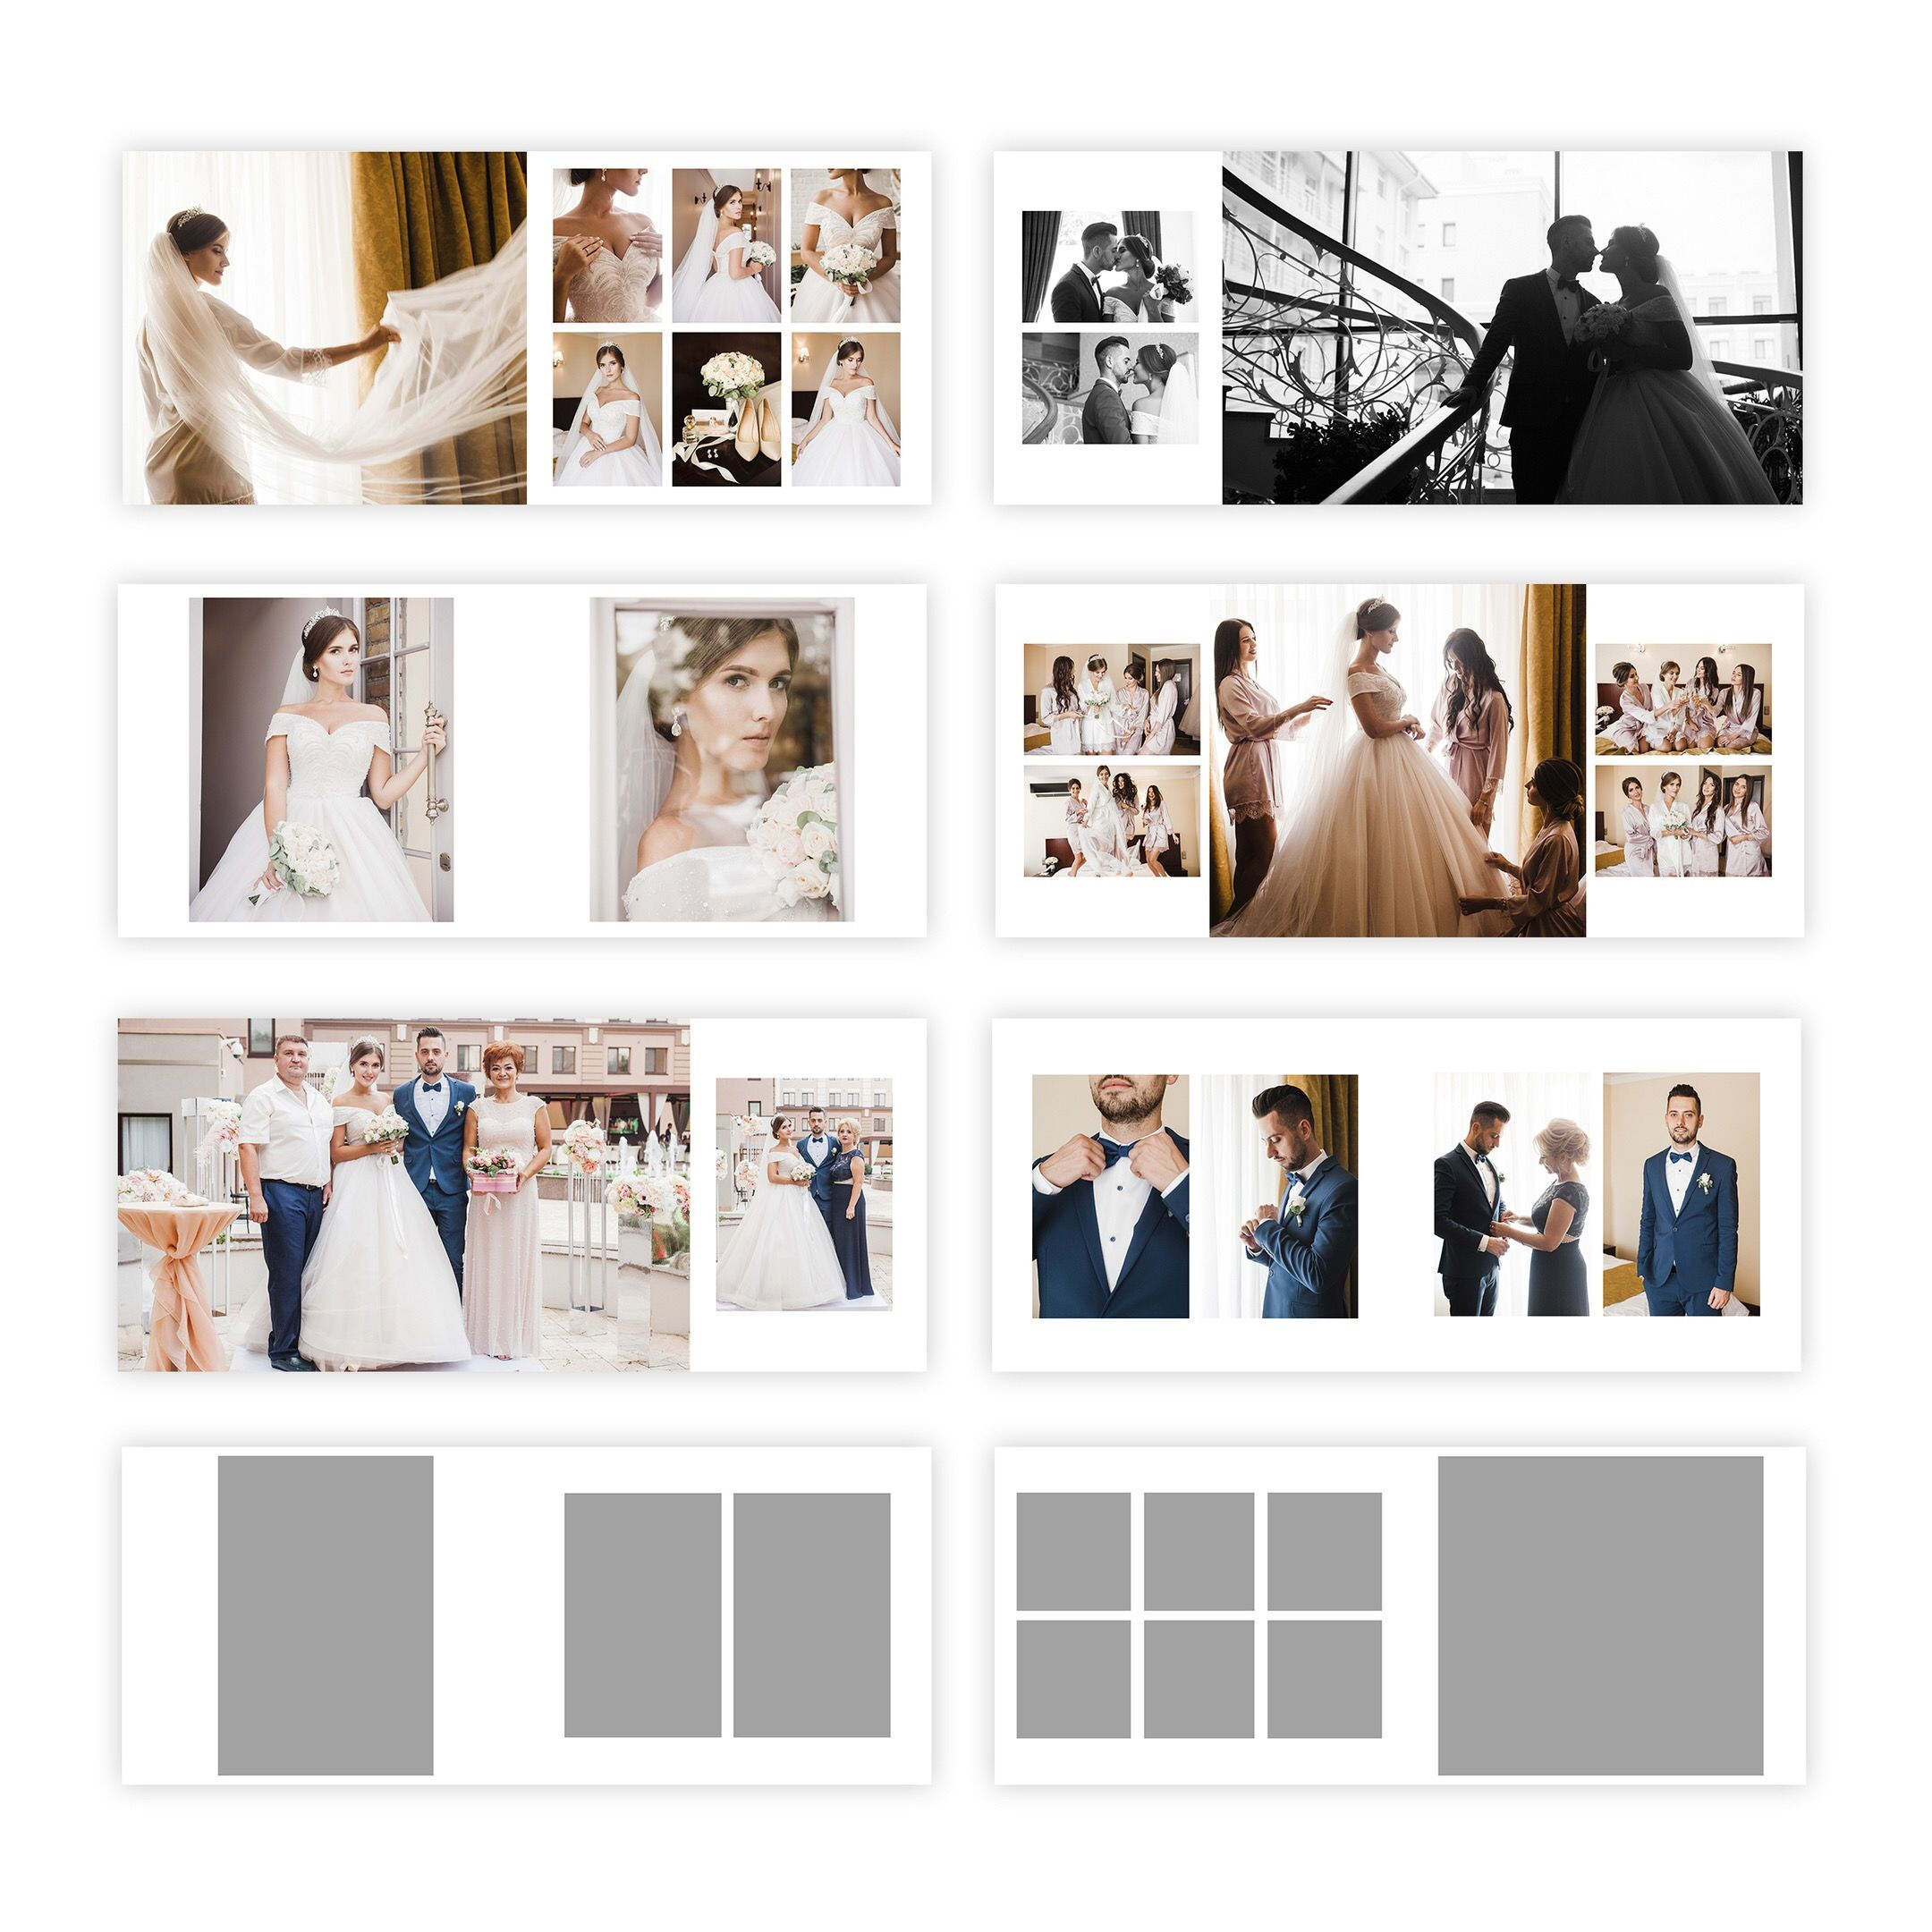 Wedding Album Template Album Template Photo Album Template Album Template Whcc In 2021 Wedding Album Layout Wedding Album Templates Photo Album Layout